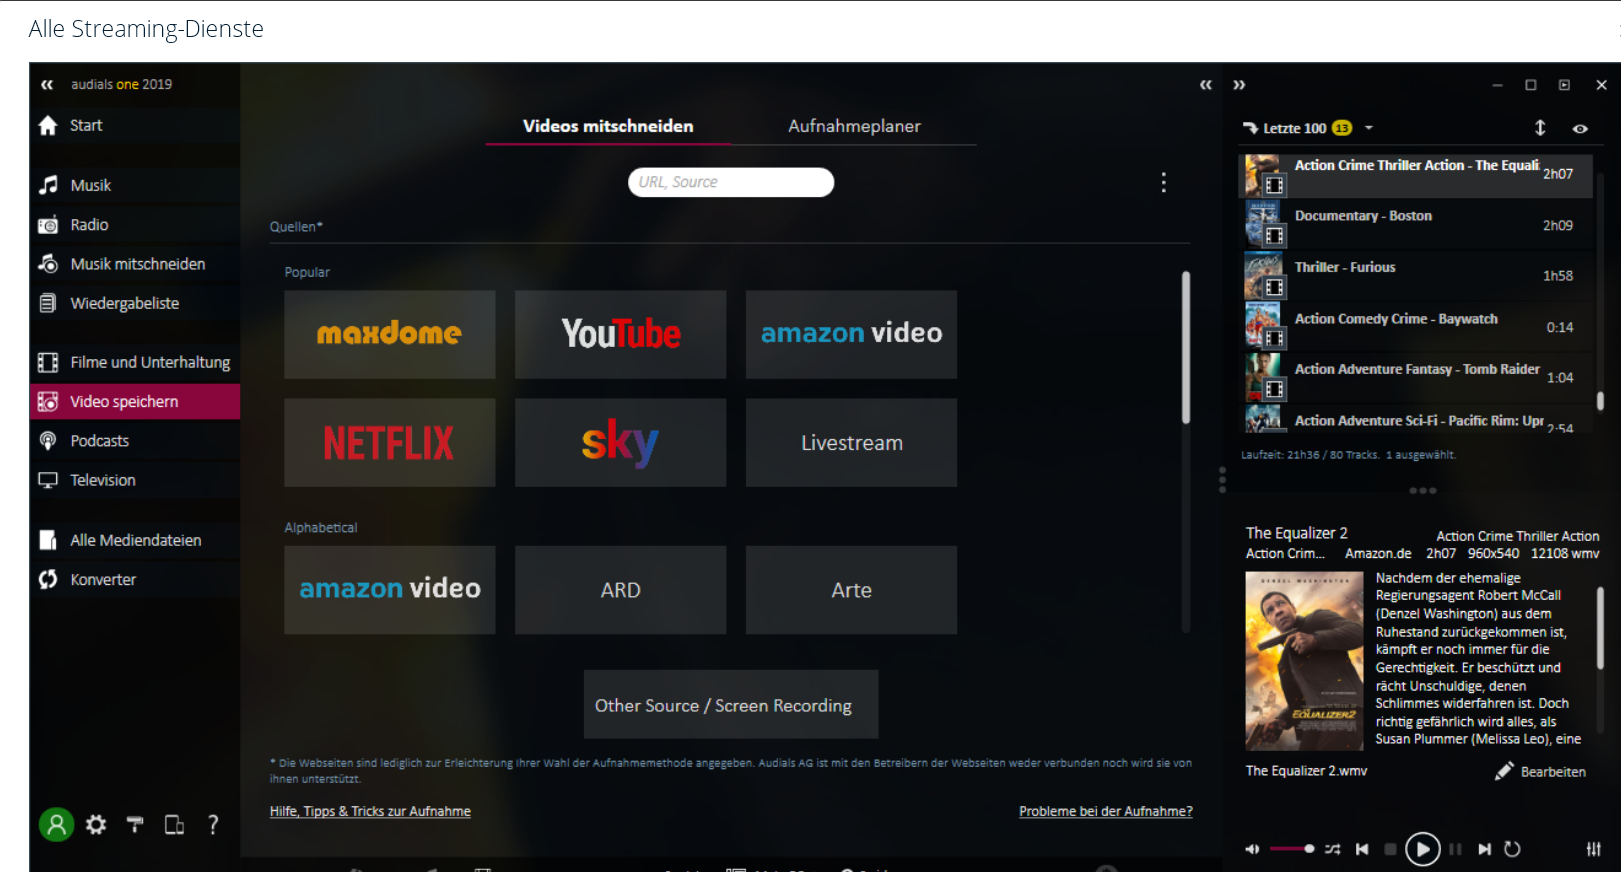 streaming dienste - Audials One 2019 ist erschienen - Wir verlosen 4 Lizenzen